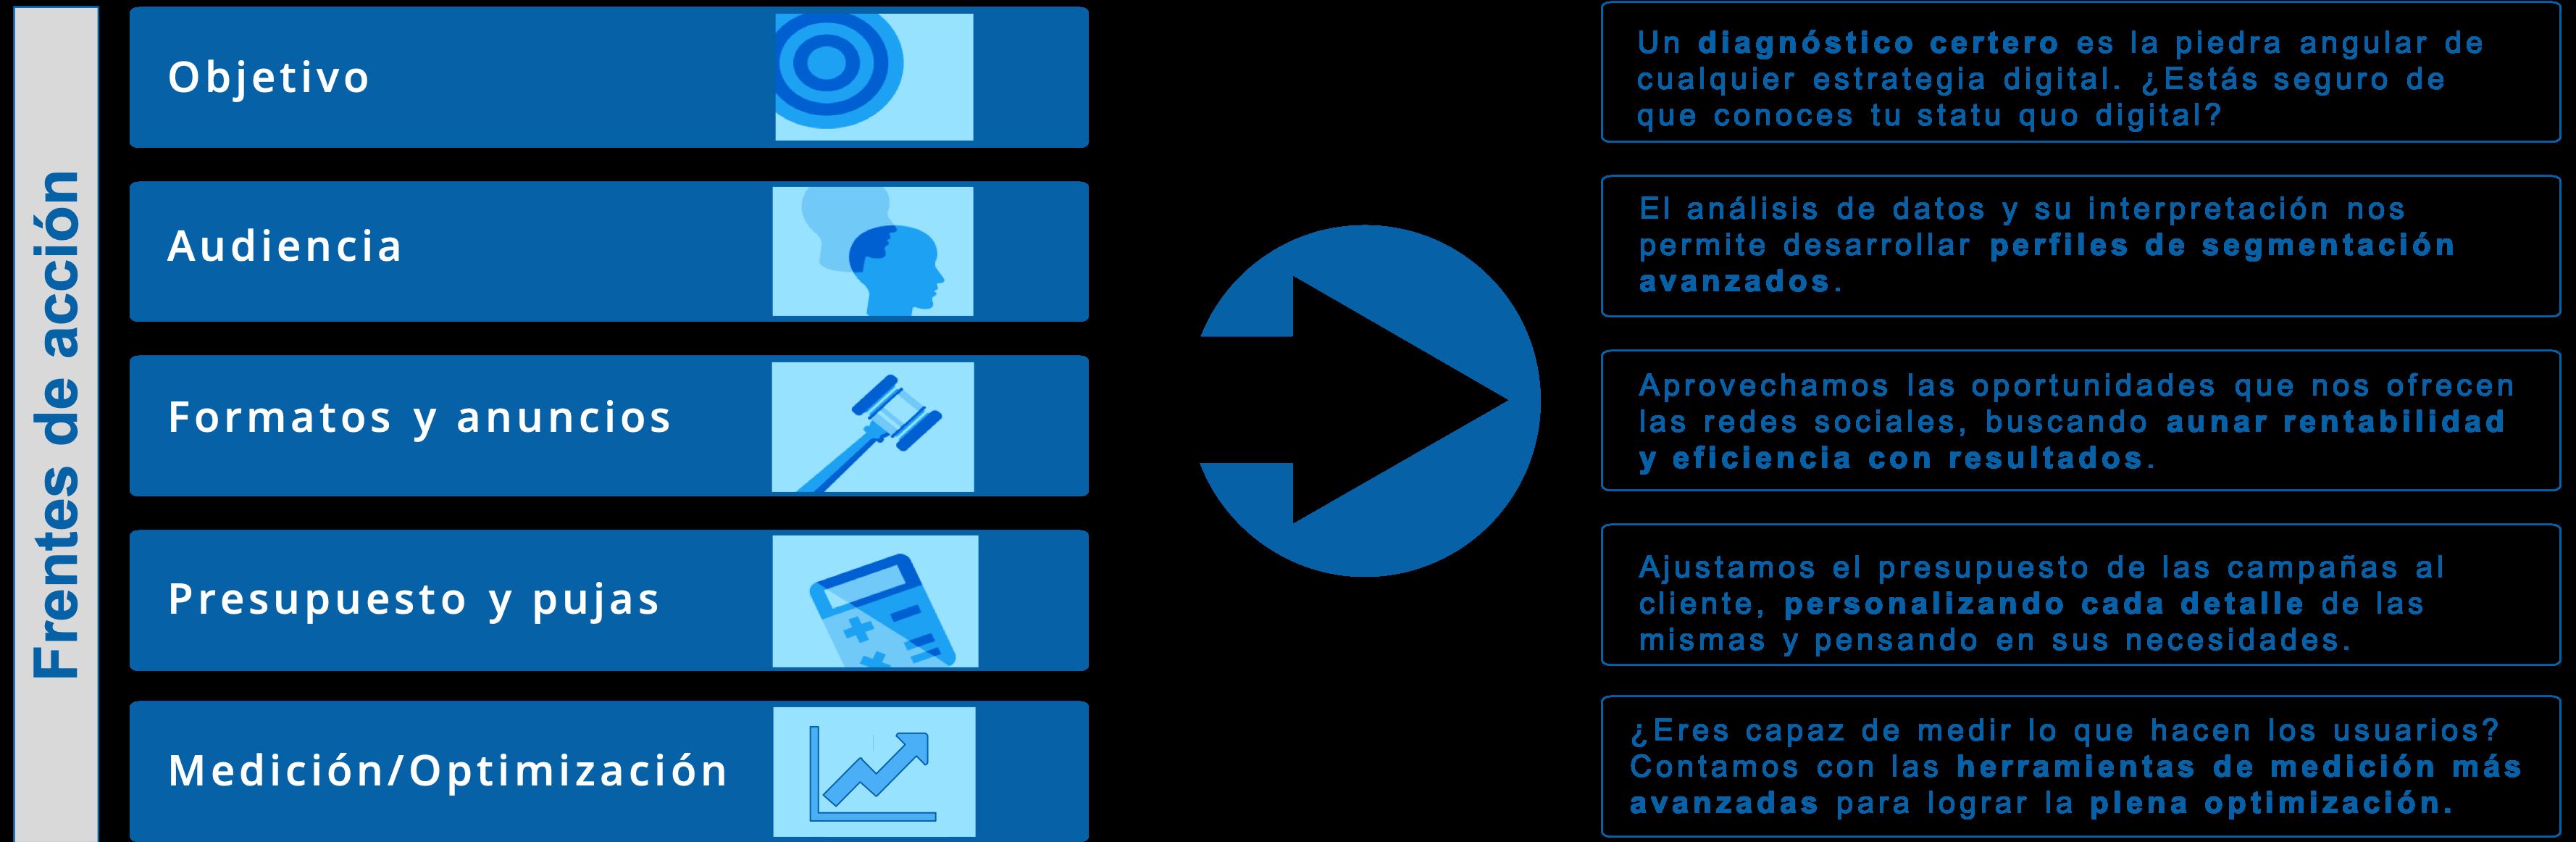 Definición de los diferentes campos de acción en marketing de social media por parte de Mediasal. Hay 6 frentes de acción sobre los que incidimos a la hora de lanzar ads en redes.